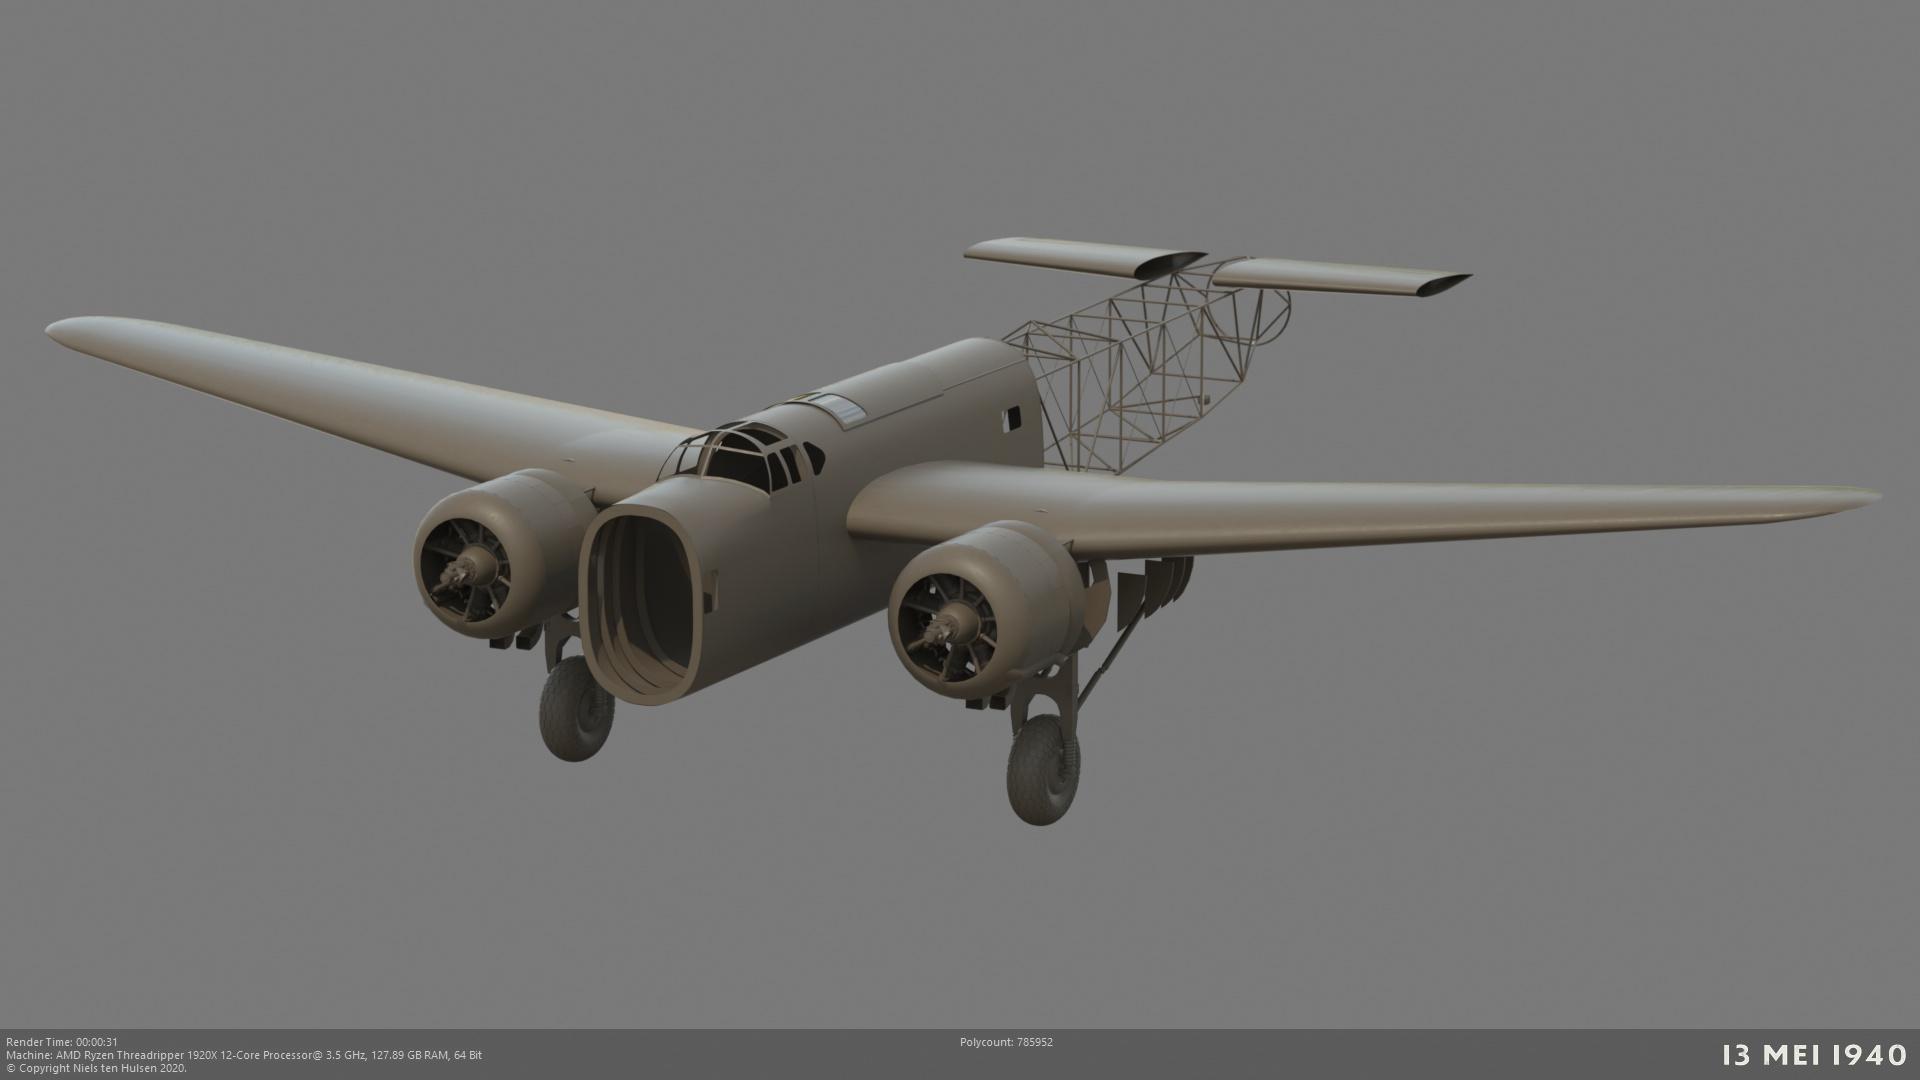 Naam: 001_FokkerT5_motor12.jpg Bekeken: 172 Grootte: 188,3 KB